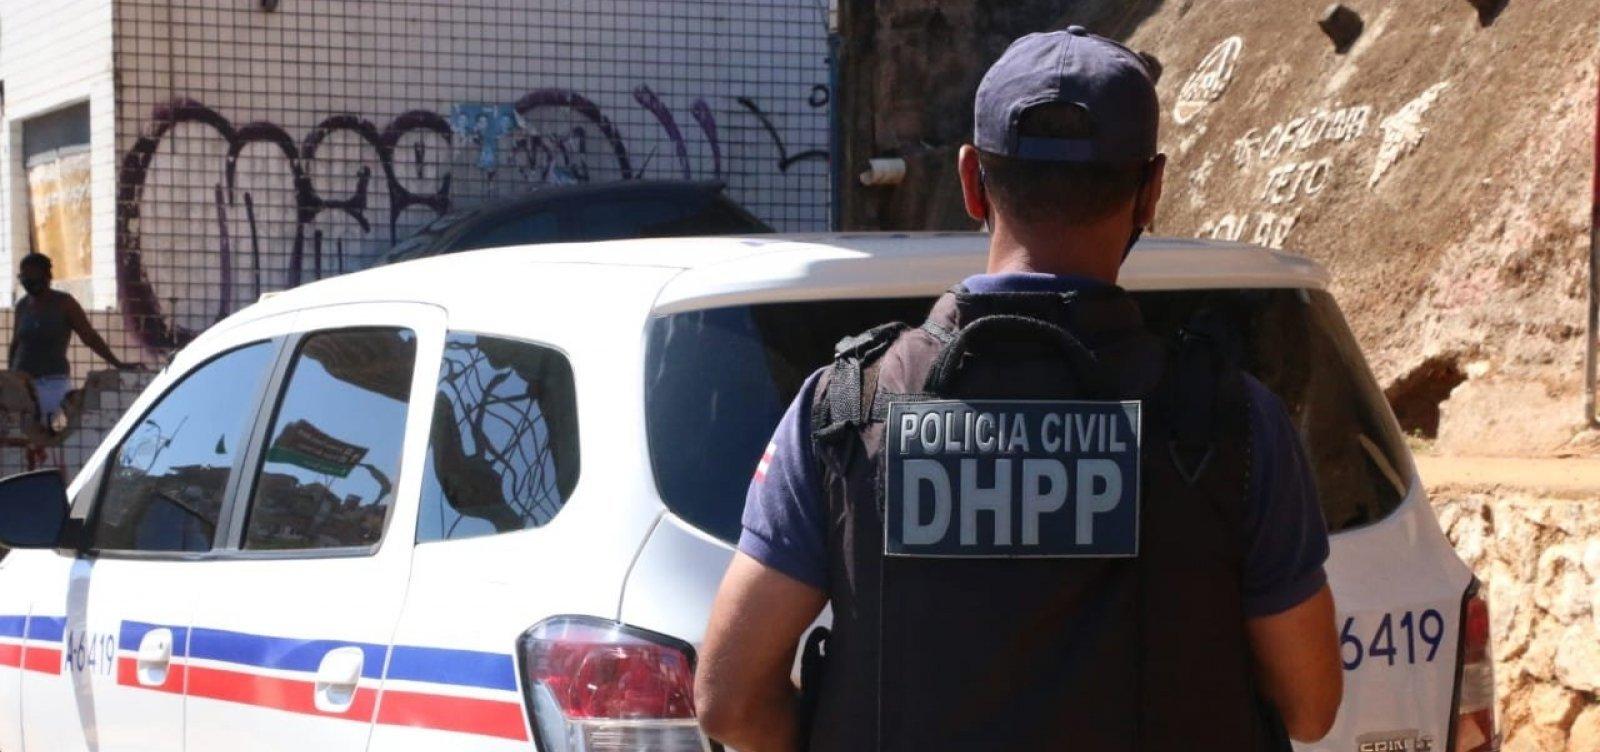 [Taxista que transportou suspeitos pelos assassinatos em Jaguaribe é preso]